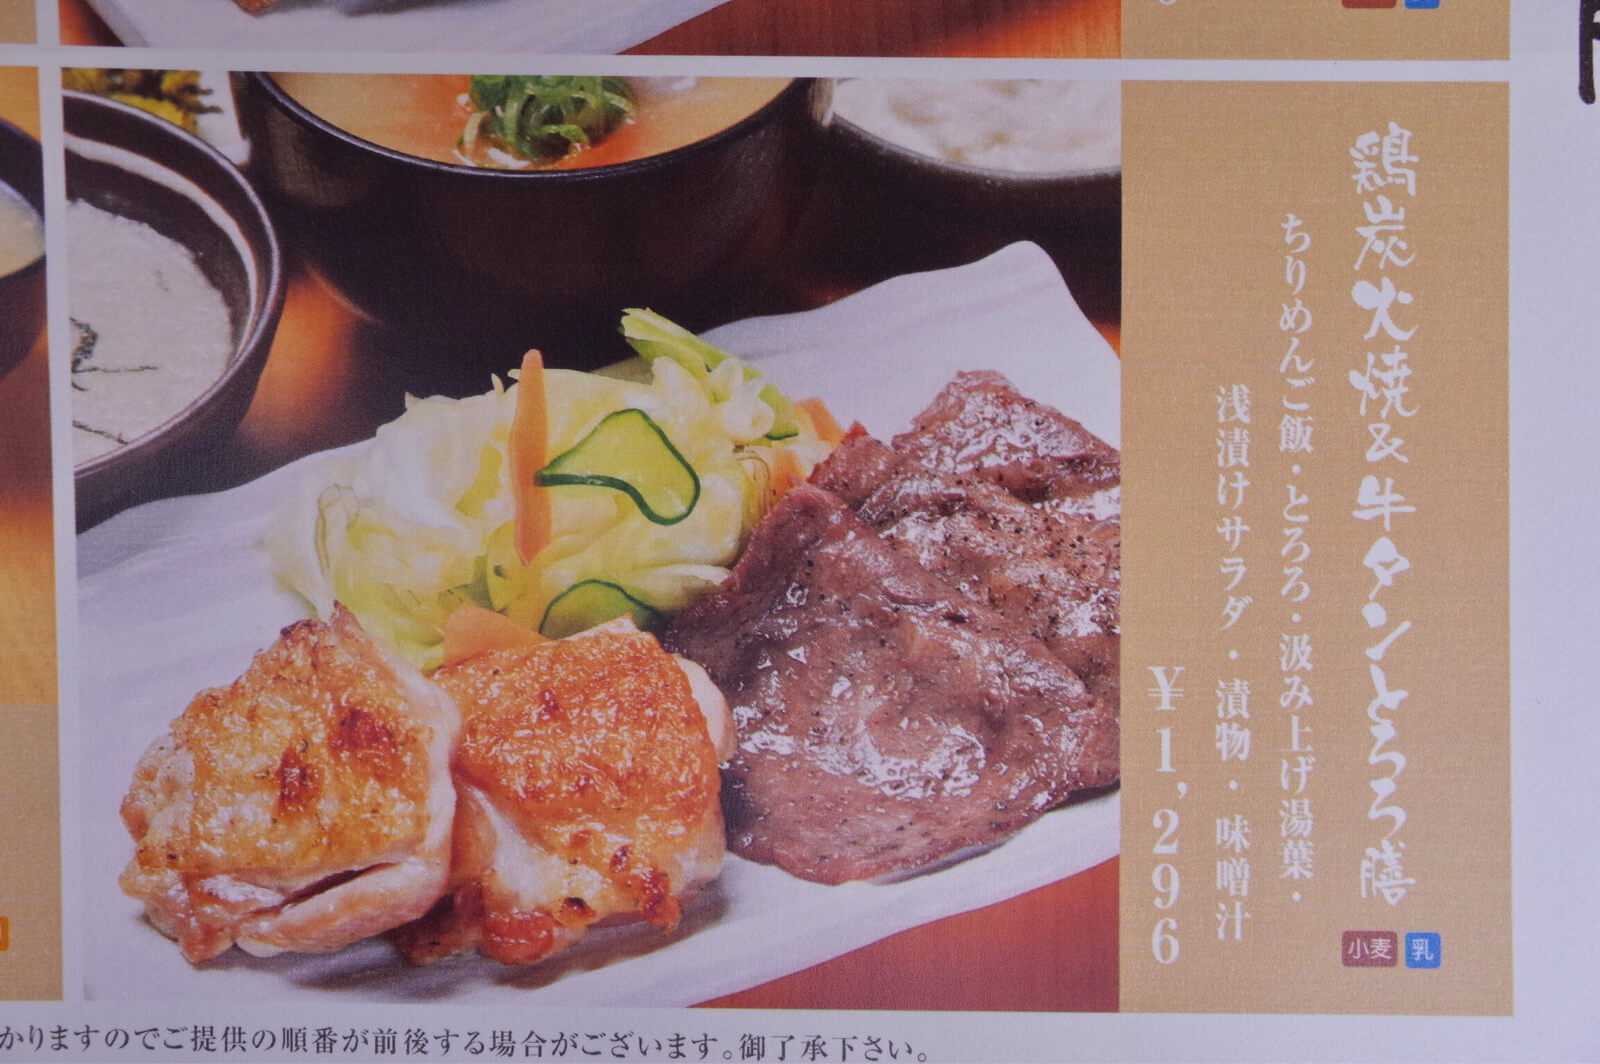 京都駅 伊勢丹 こけこっこ メニュー